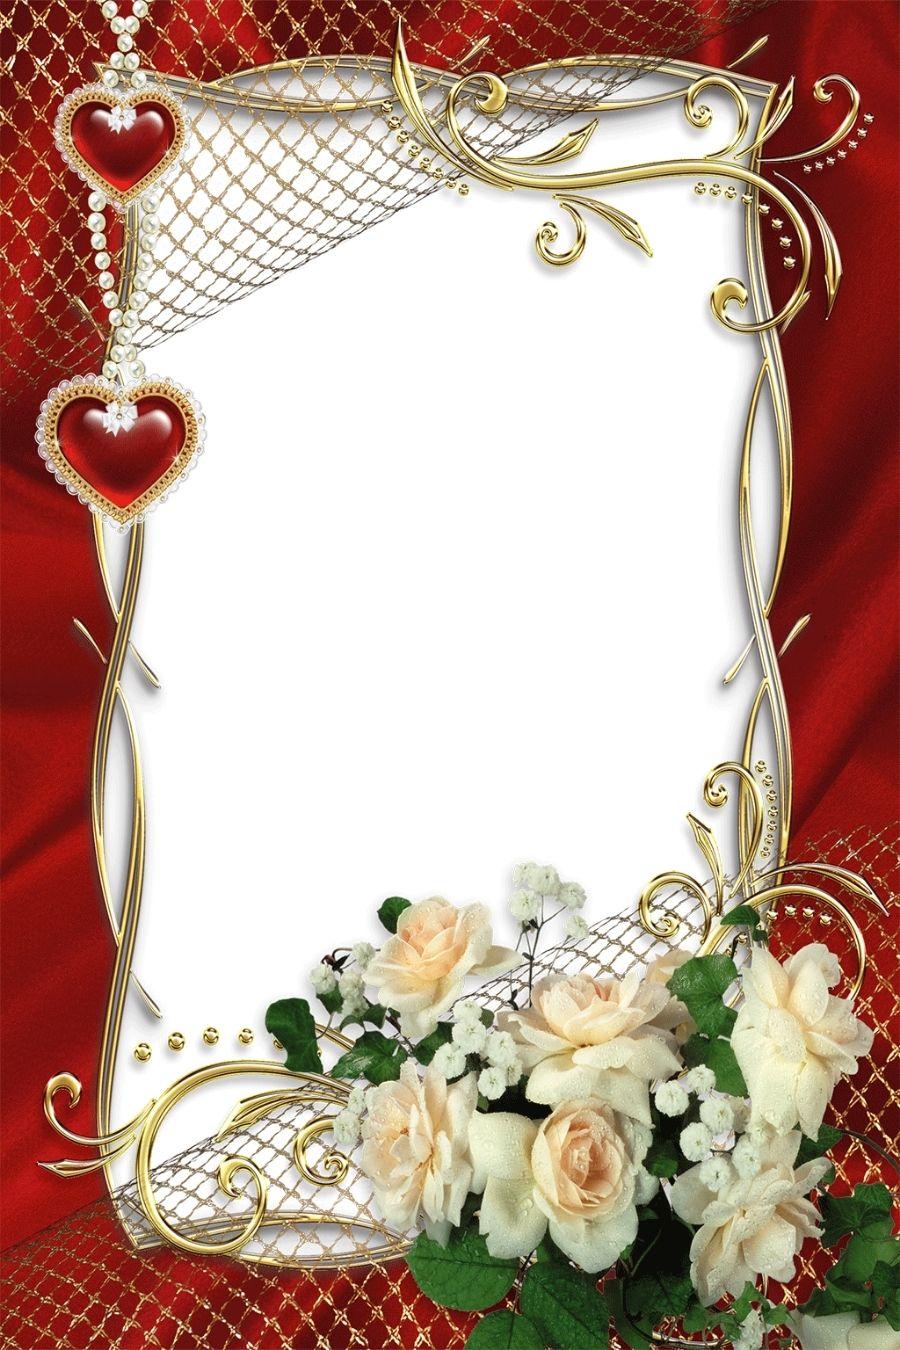 Tai khung ảnh đẹp nhiều màu sắc và hoa